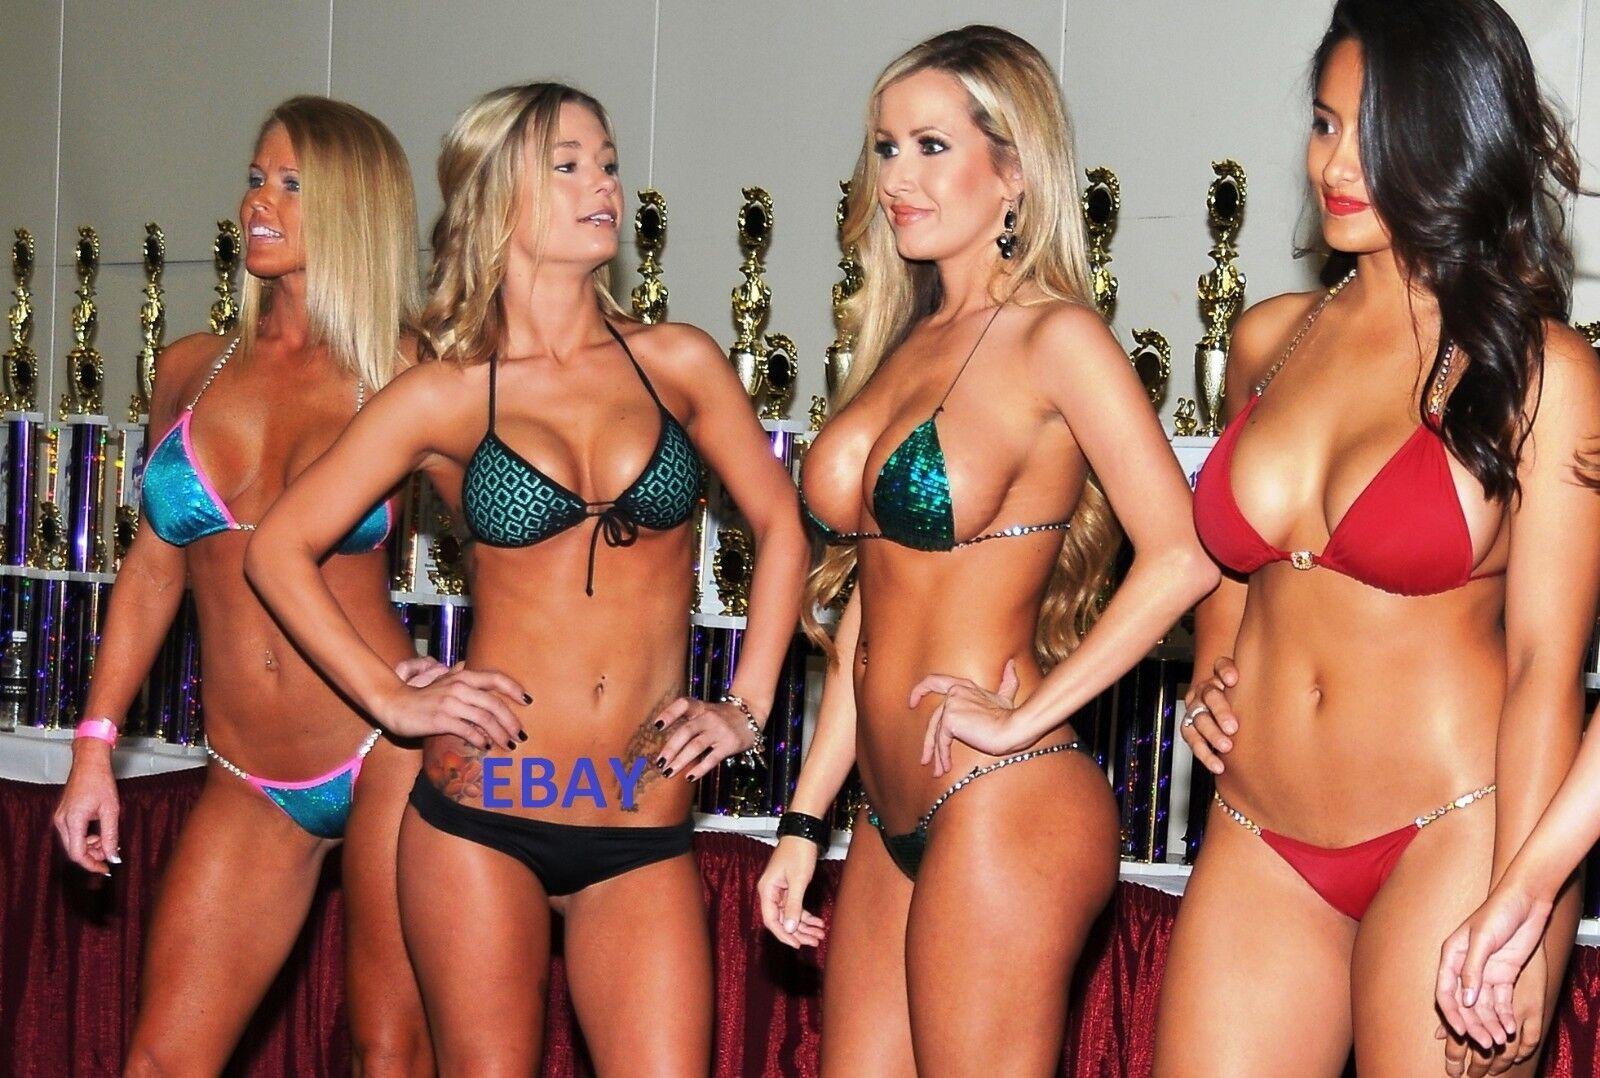 Изображение товара Springbreak Hooters Bikini Contest 4X6 Photo Picture 361